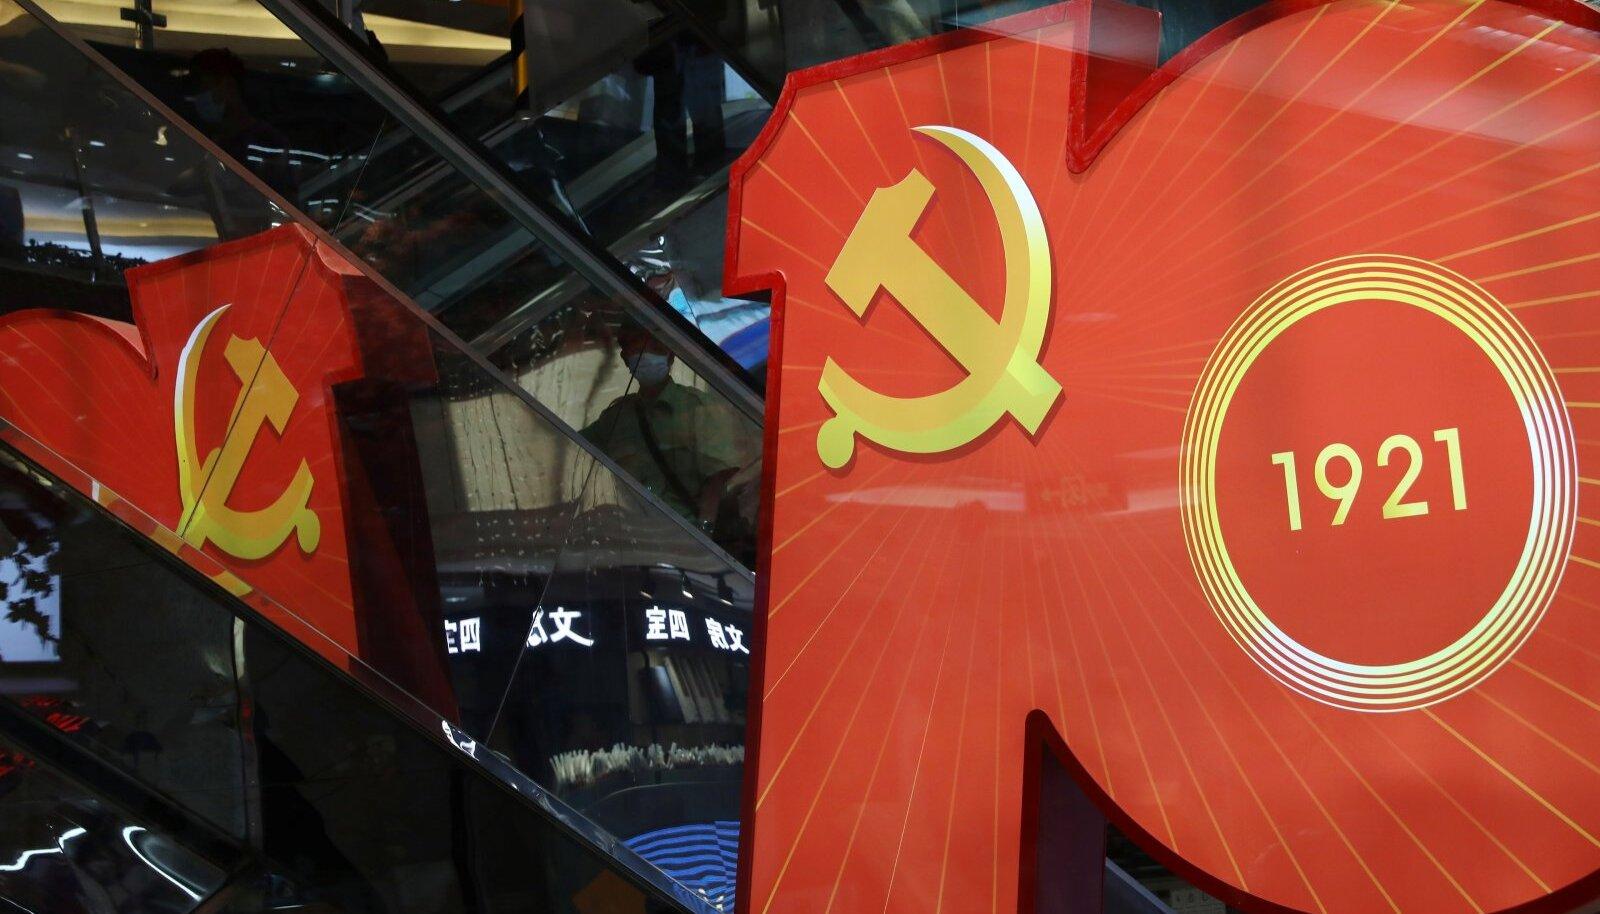 Hiina valmistutakse suurejoonelisteks pidustusteks, et tähistada saja aasta möödumist kommunistliku partei asutamisest 1. juulil.